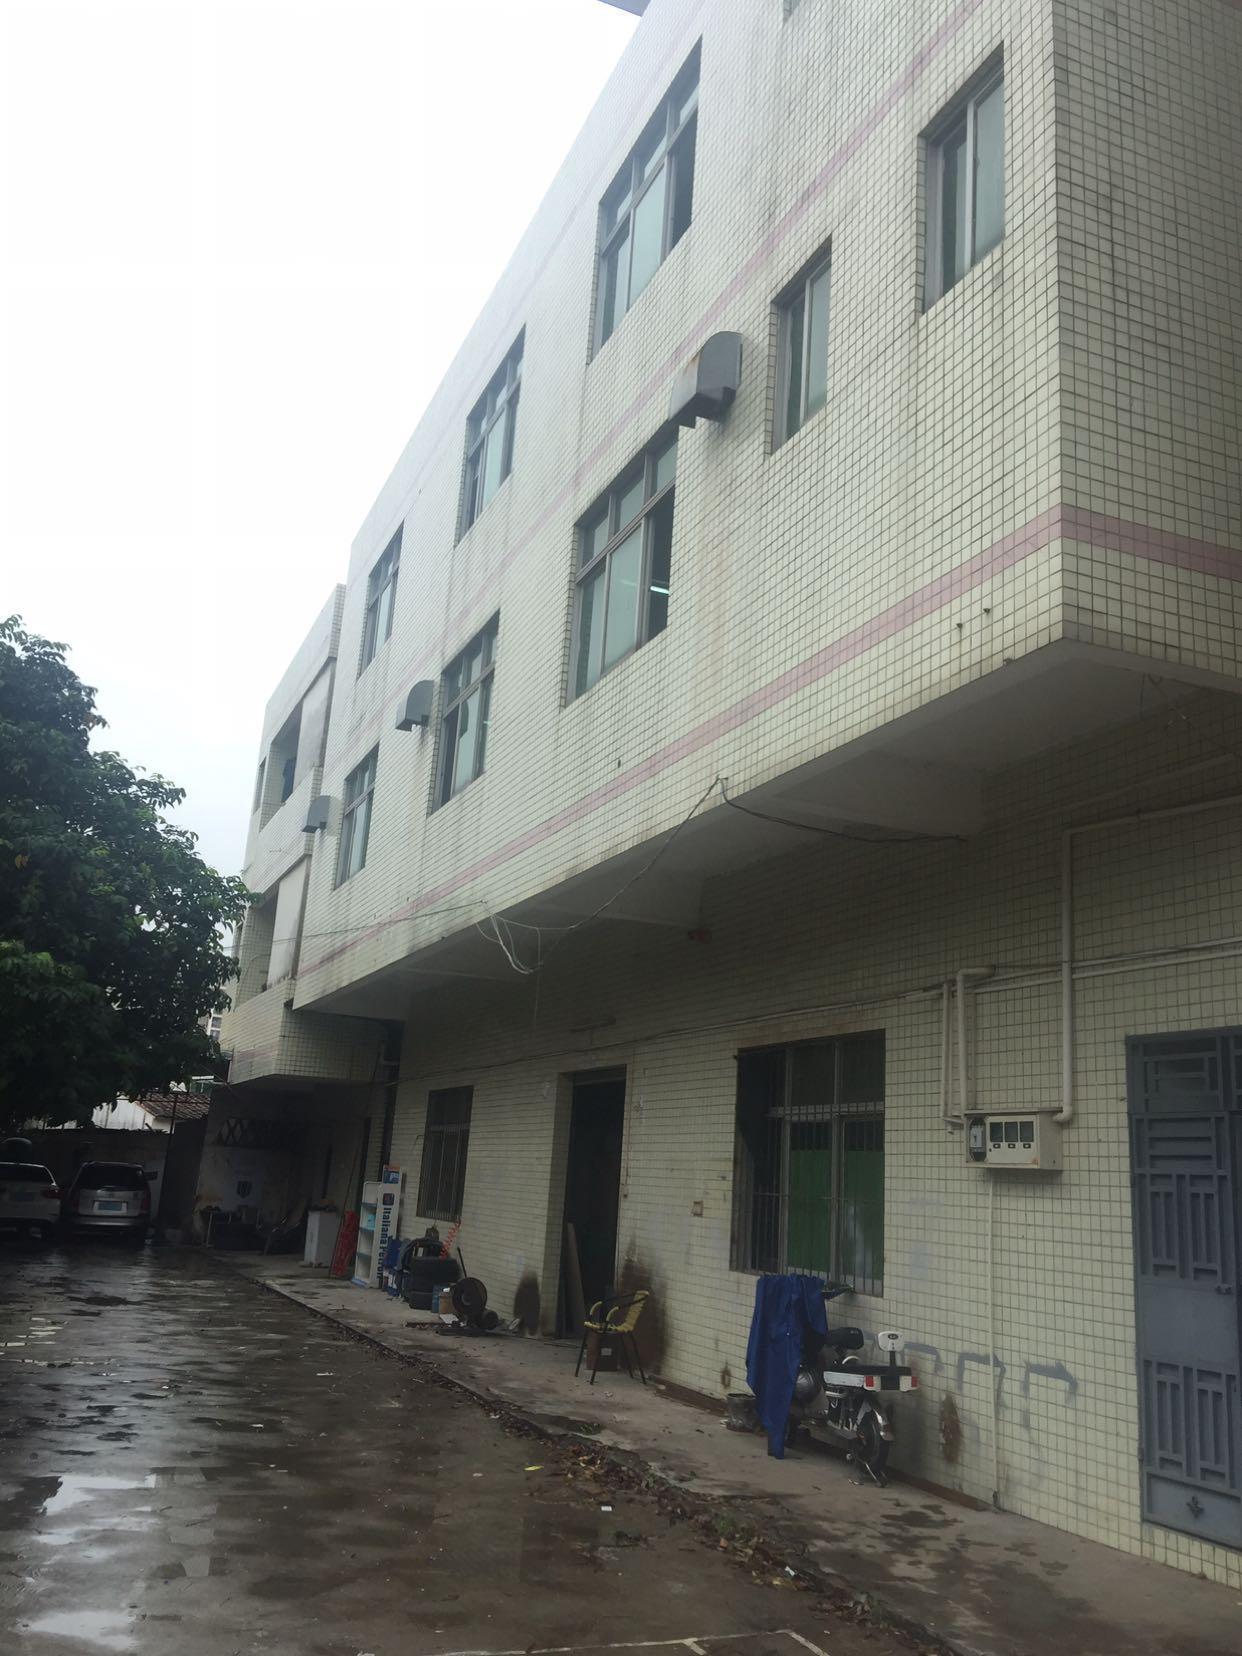 惠州市惠城区河南岸1-2层出租